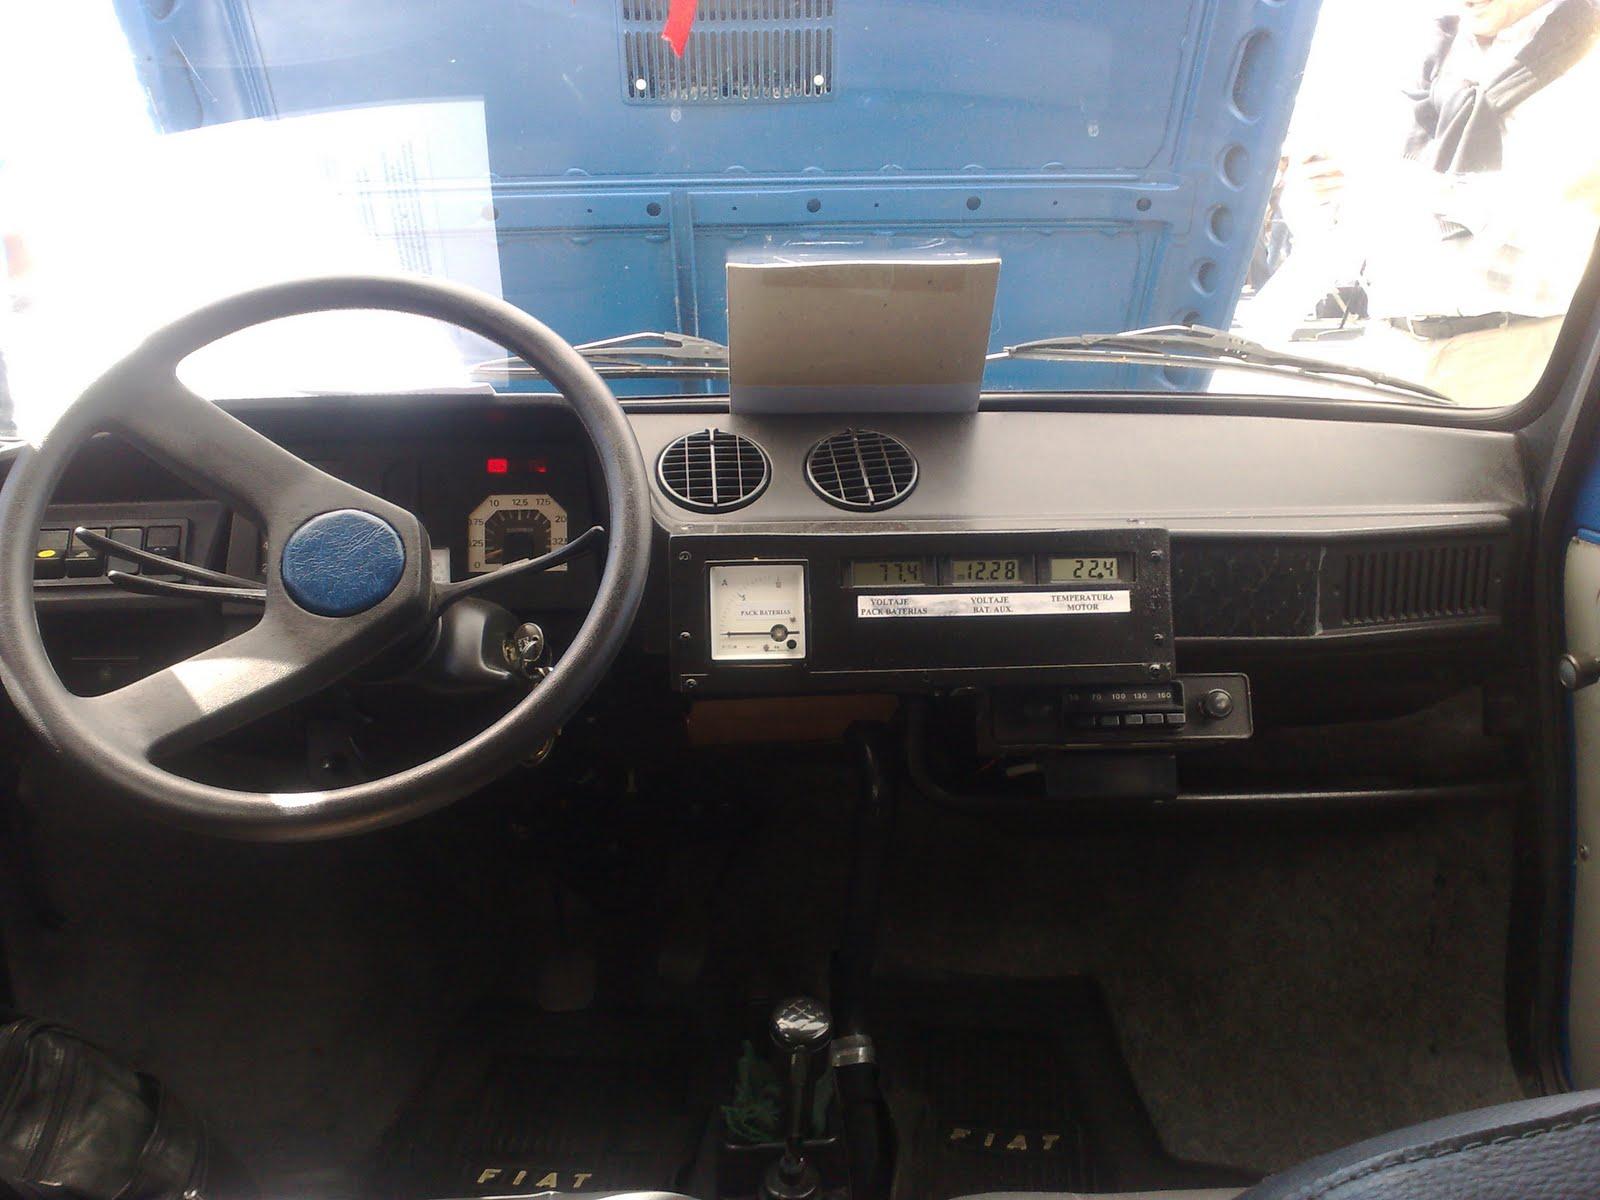 vehiculo electrico casero3